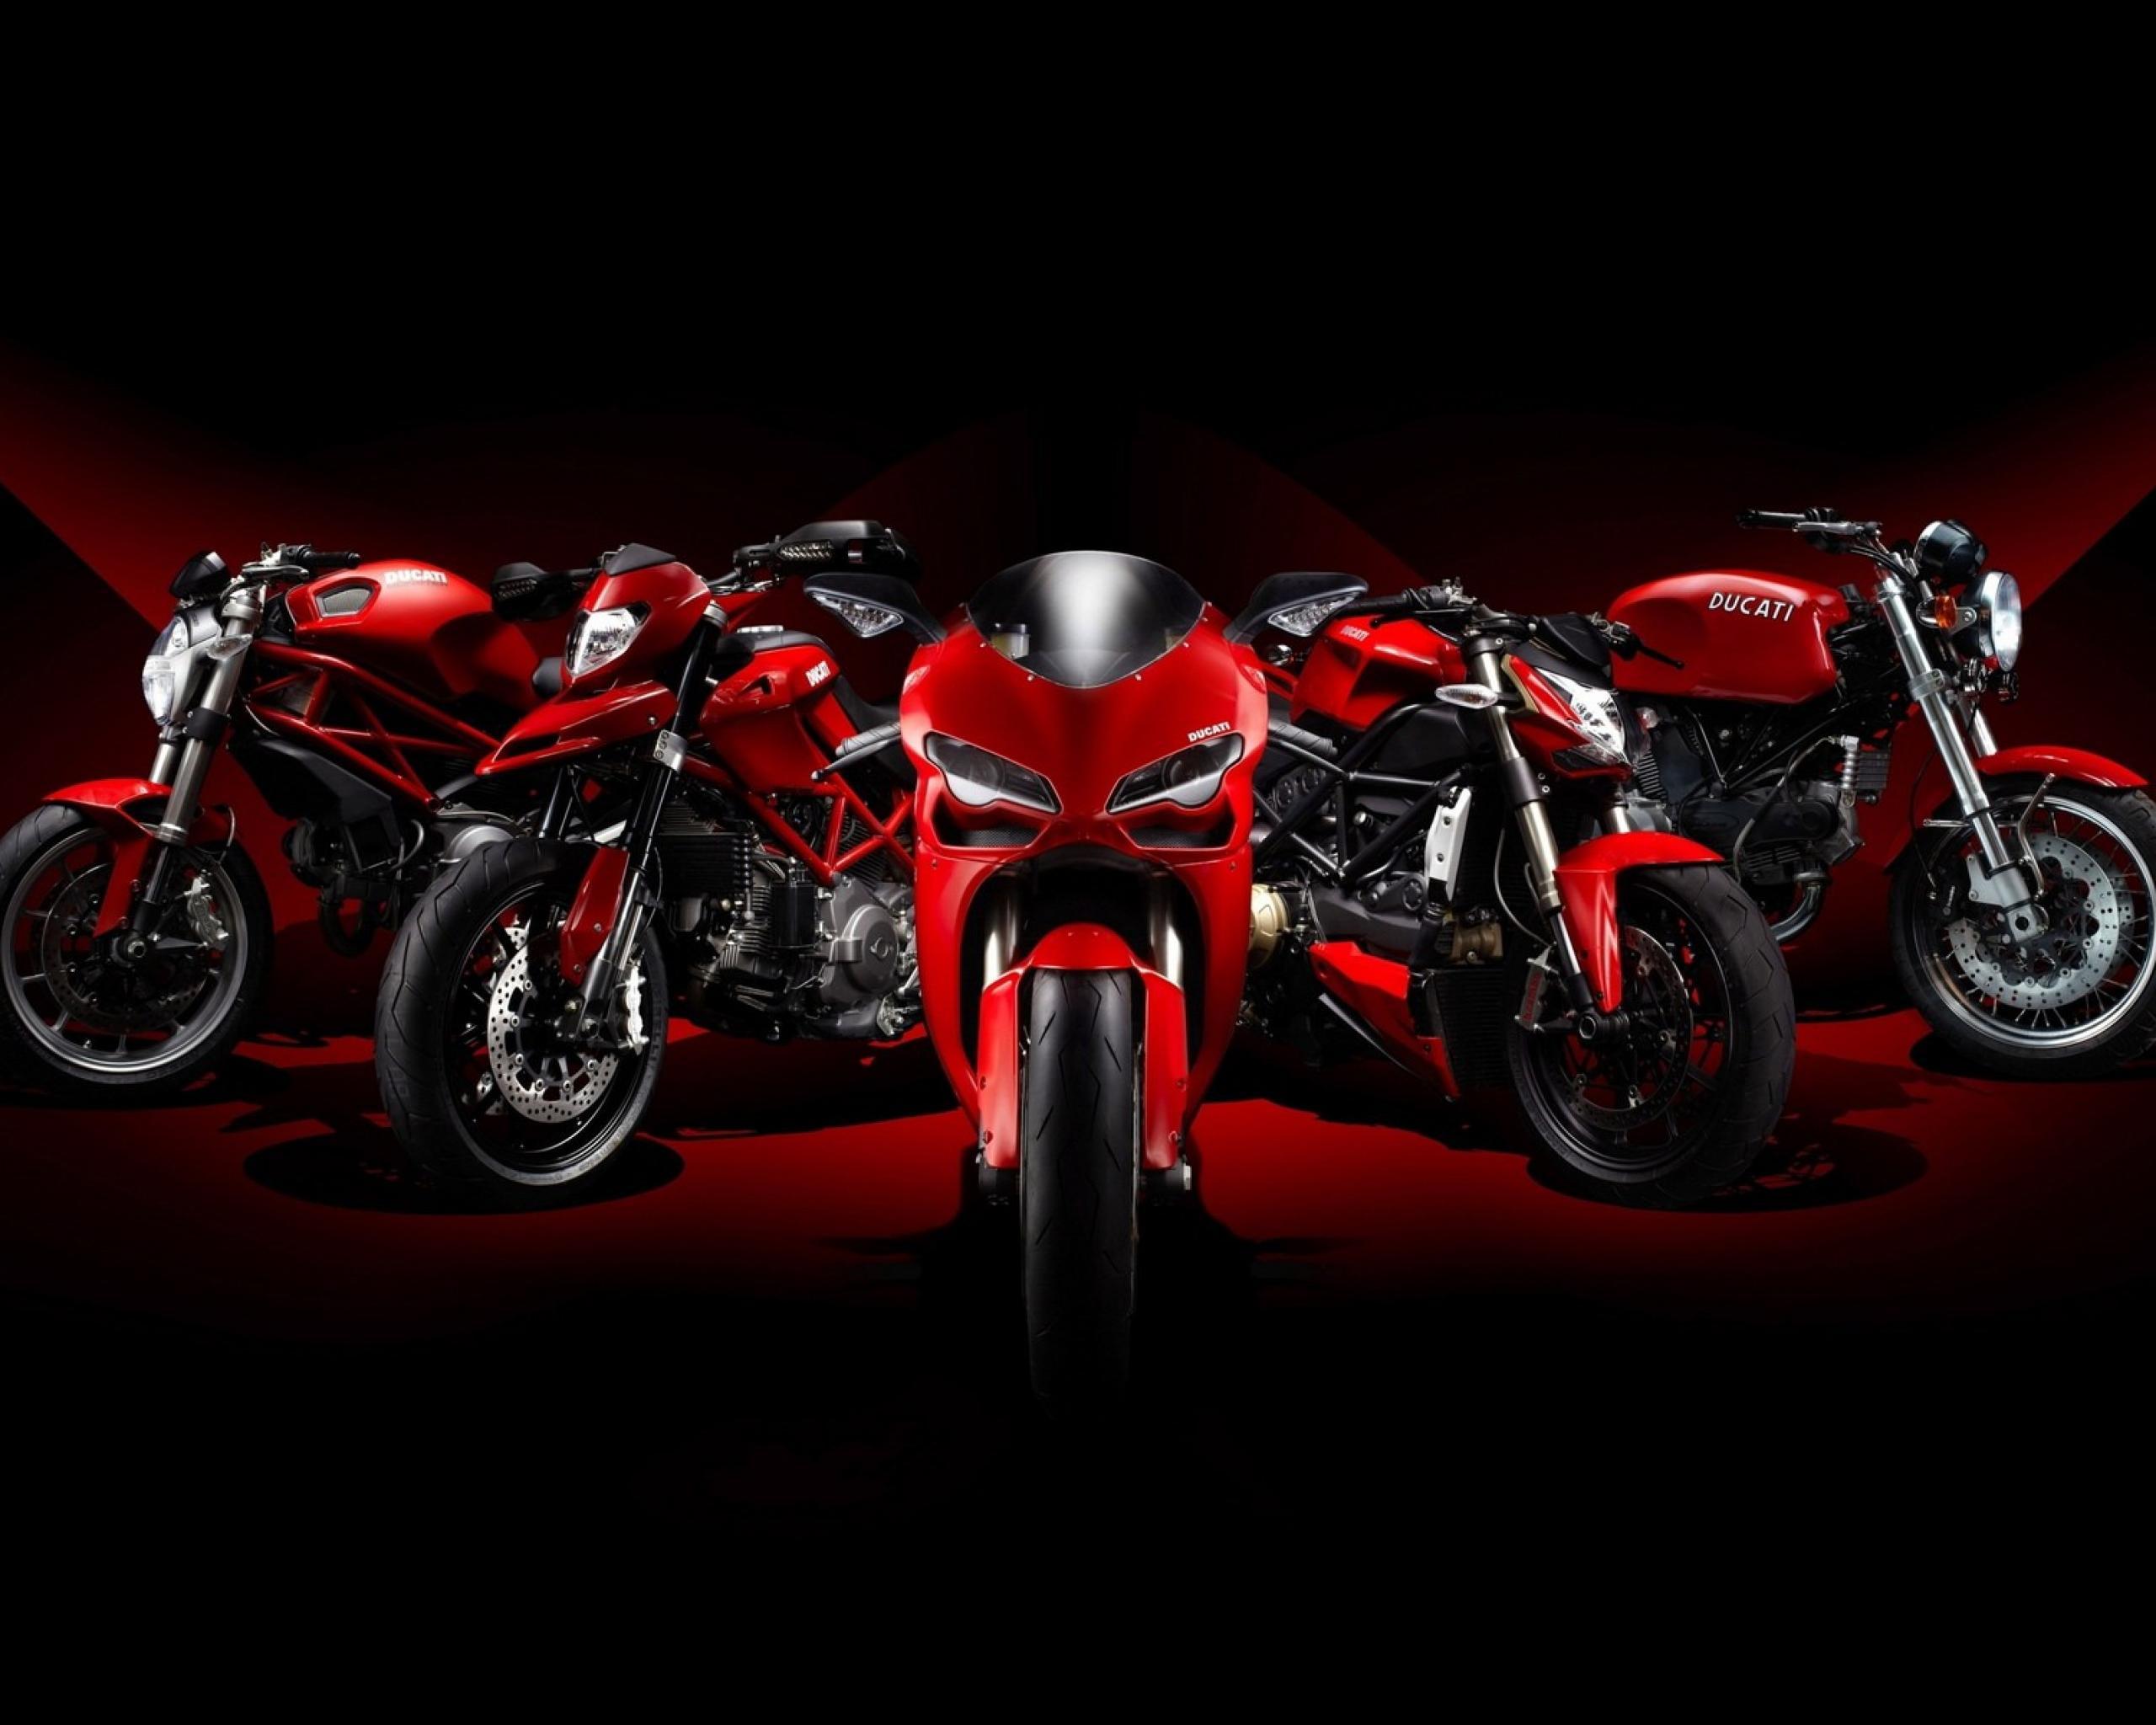 Fond d'écran Ducati